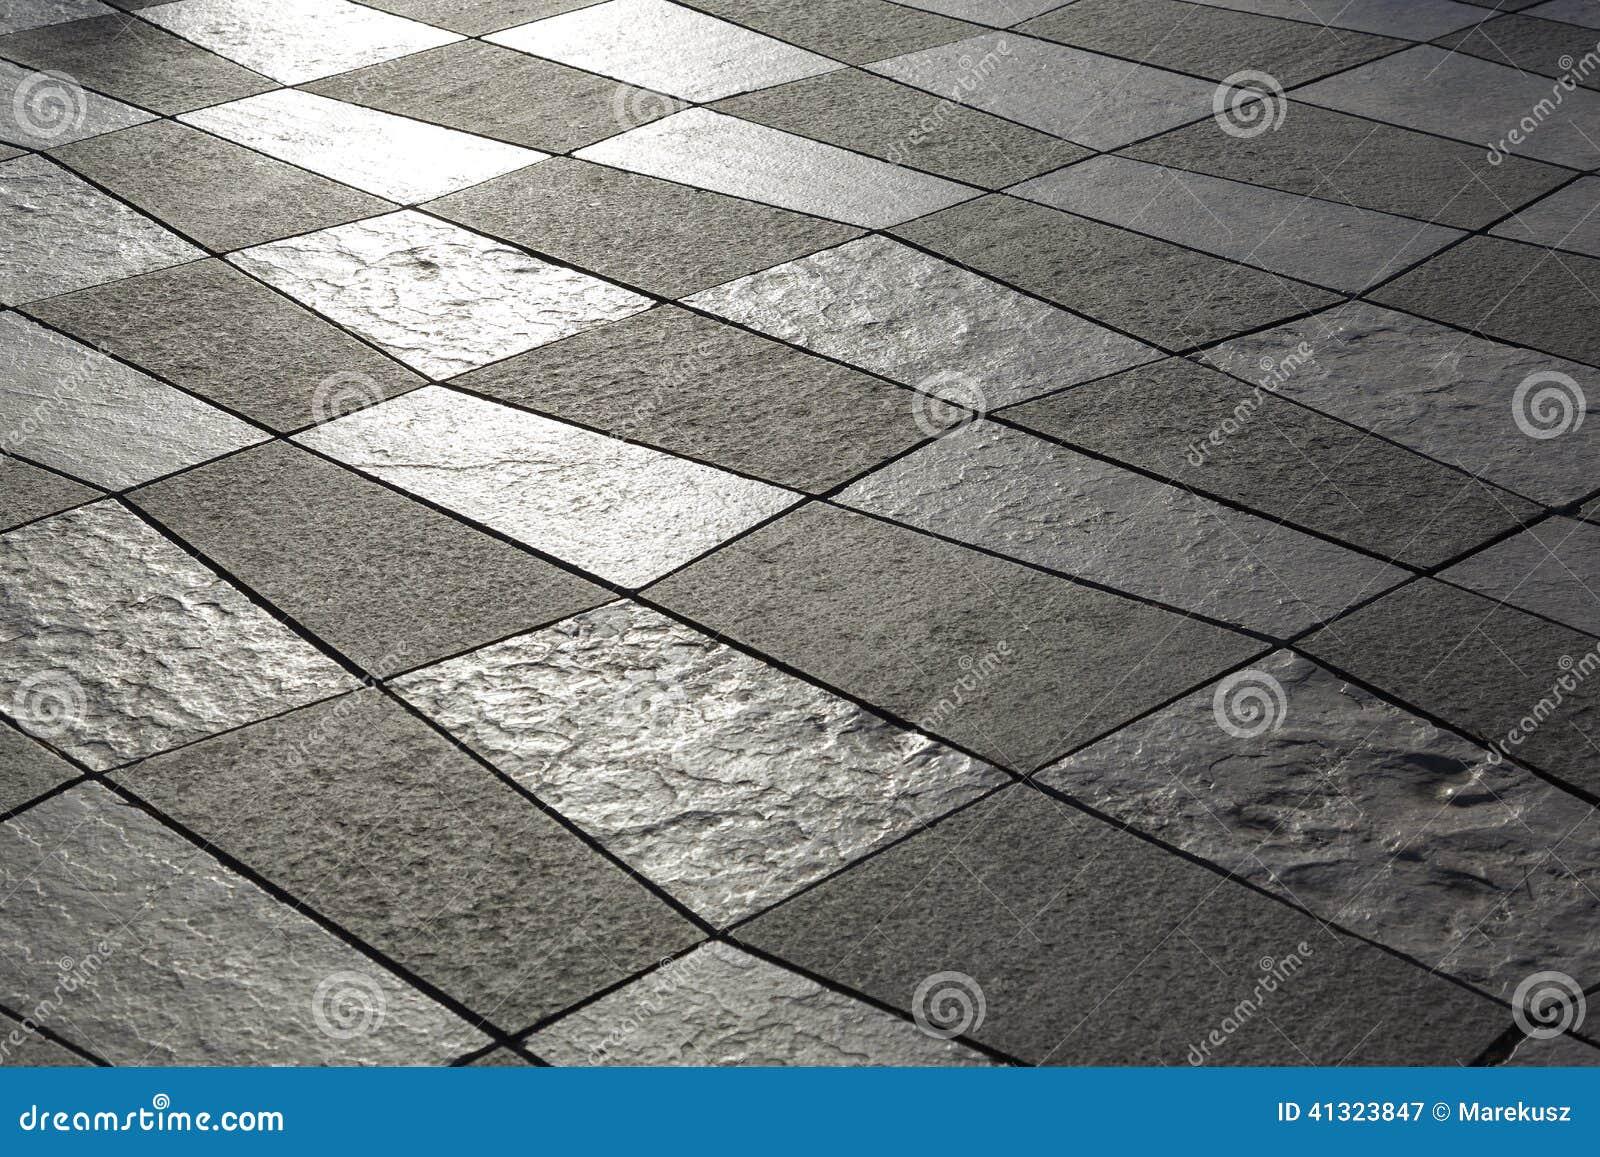 Pavimentazione Di Pietra Bianca E Nera Fotografia Stock - Immagine ...